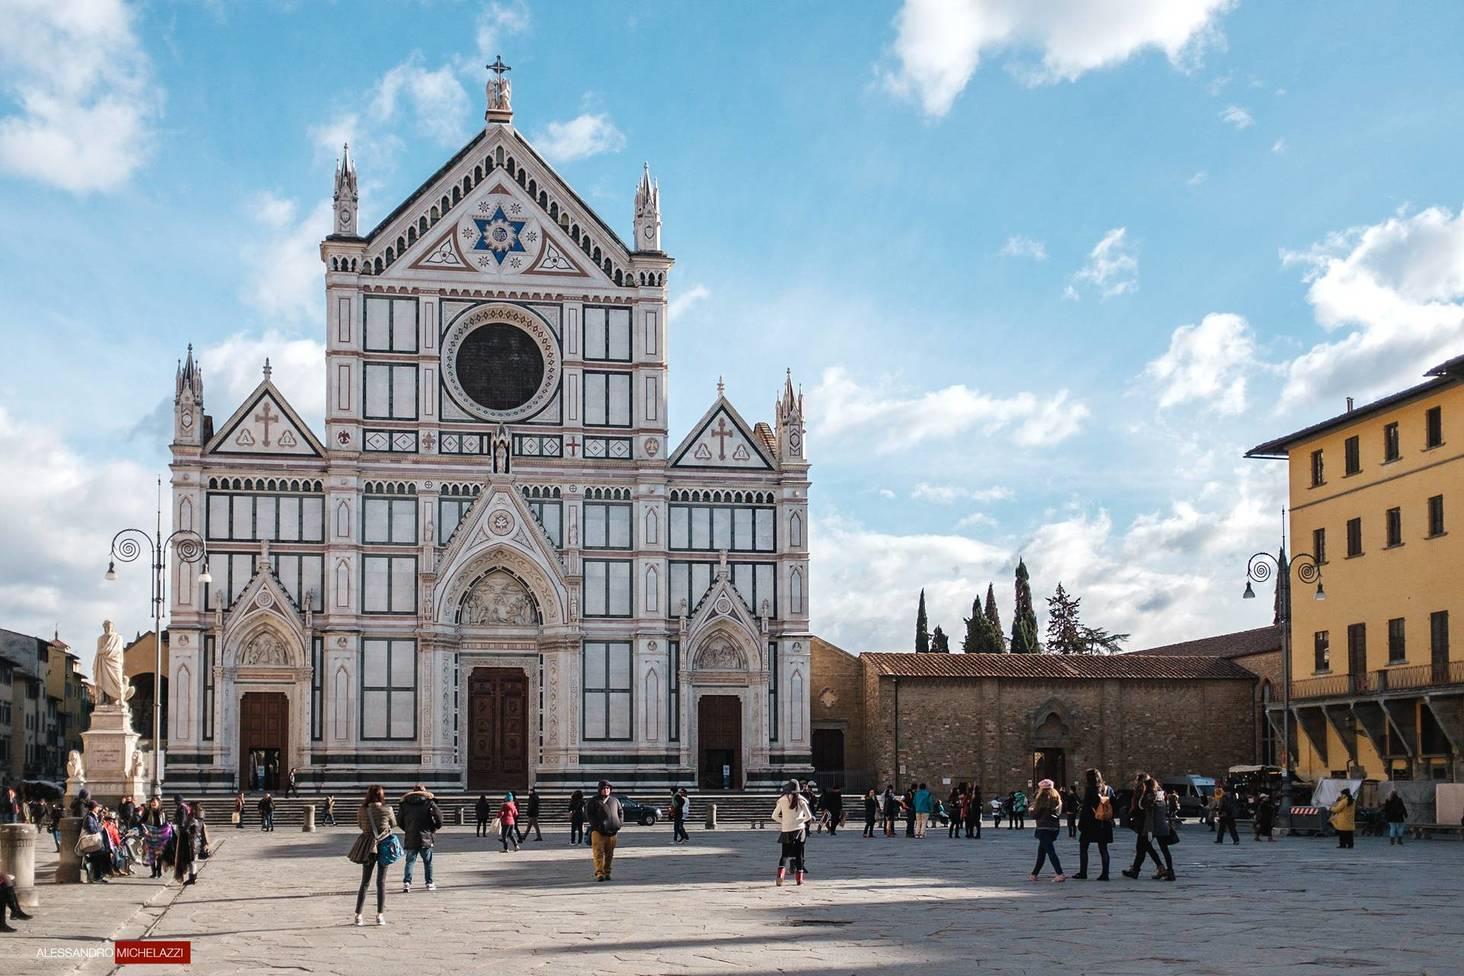 Firenze, Piazza Santa Croce